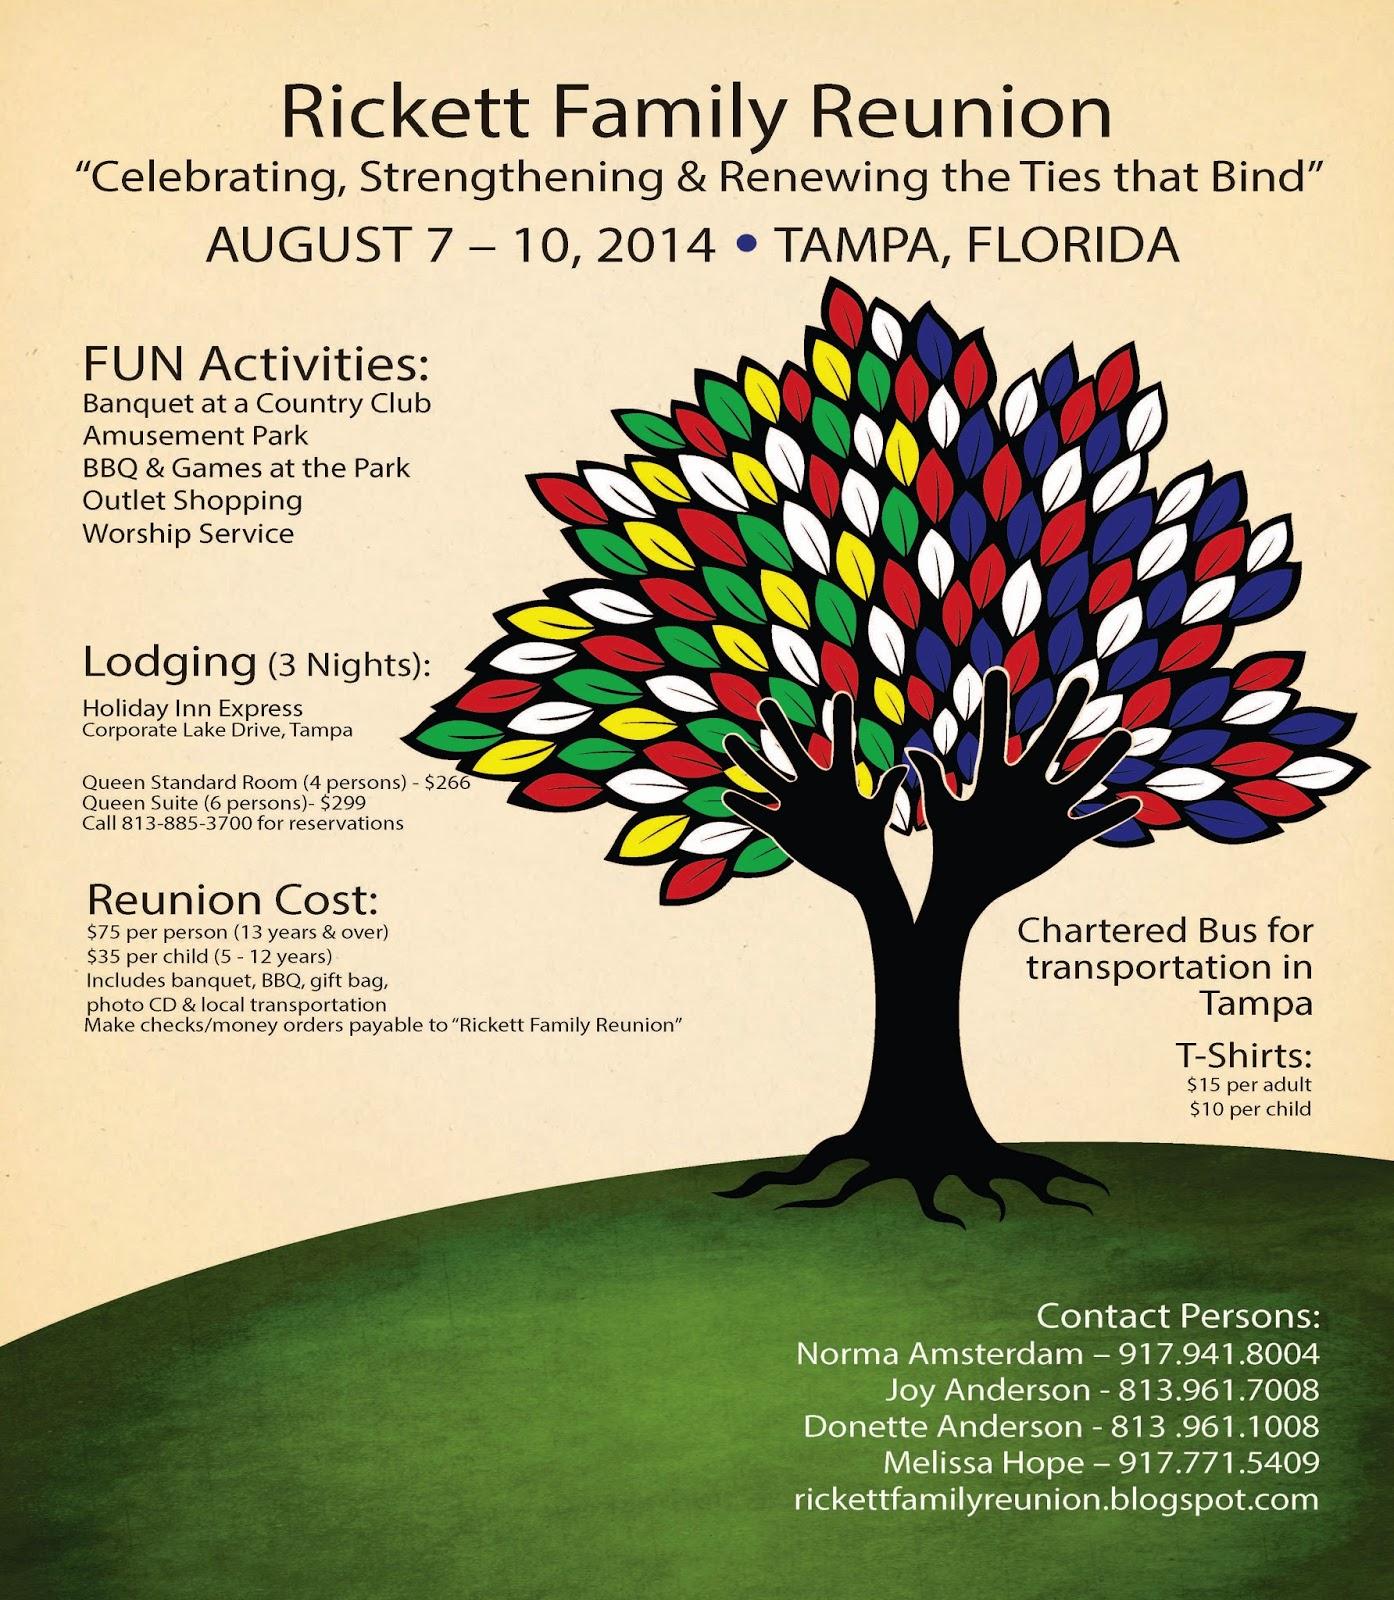 Rickett Family Reunion Blog